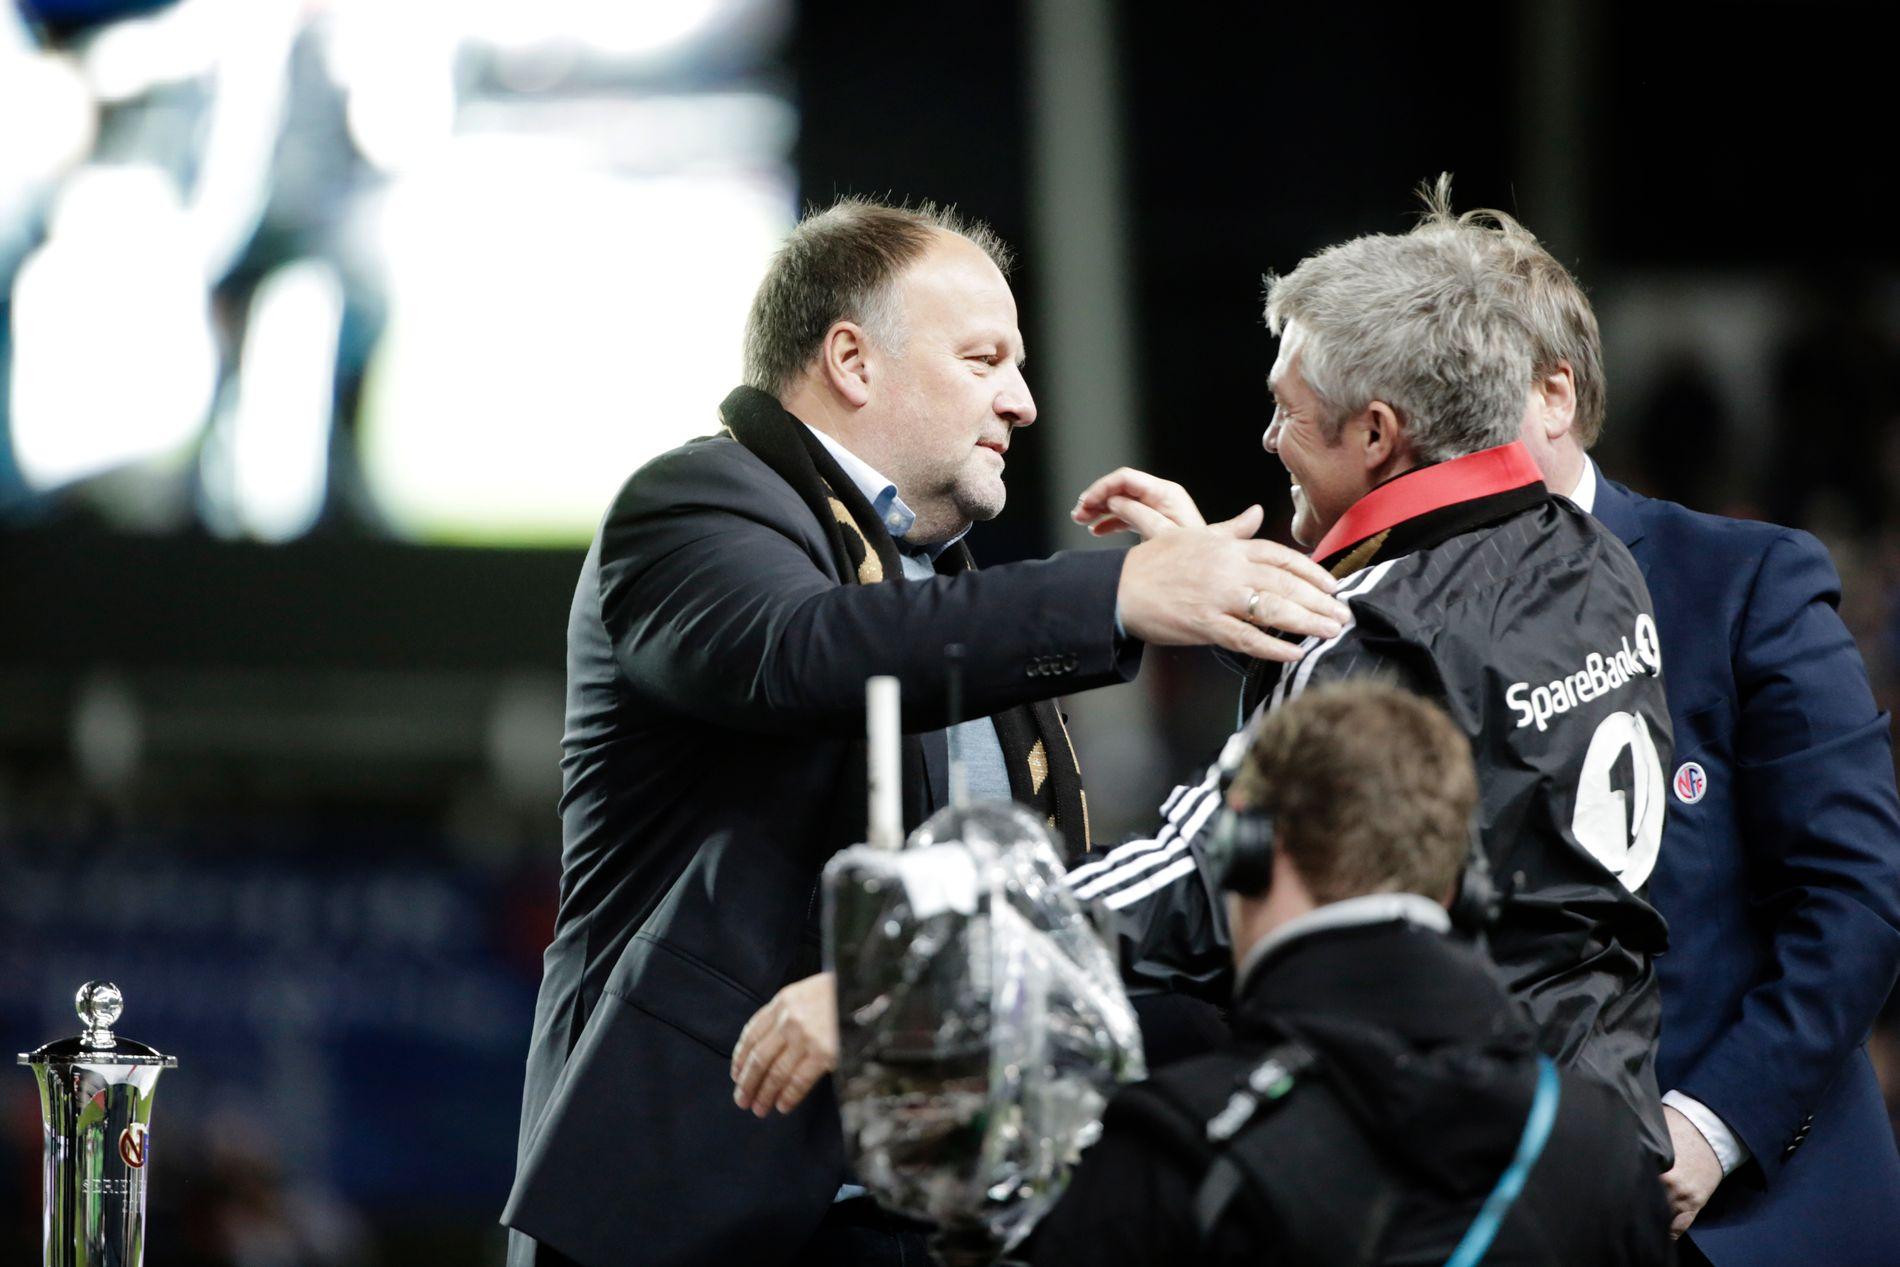 INGEN ENIGHET: Kåre Ingebrigtsen (til høyre) er fortsatt ikke fornøyd, etter at han fikk sparken i Rosenborg.